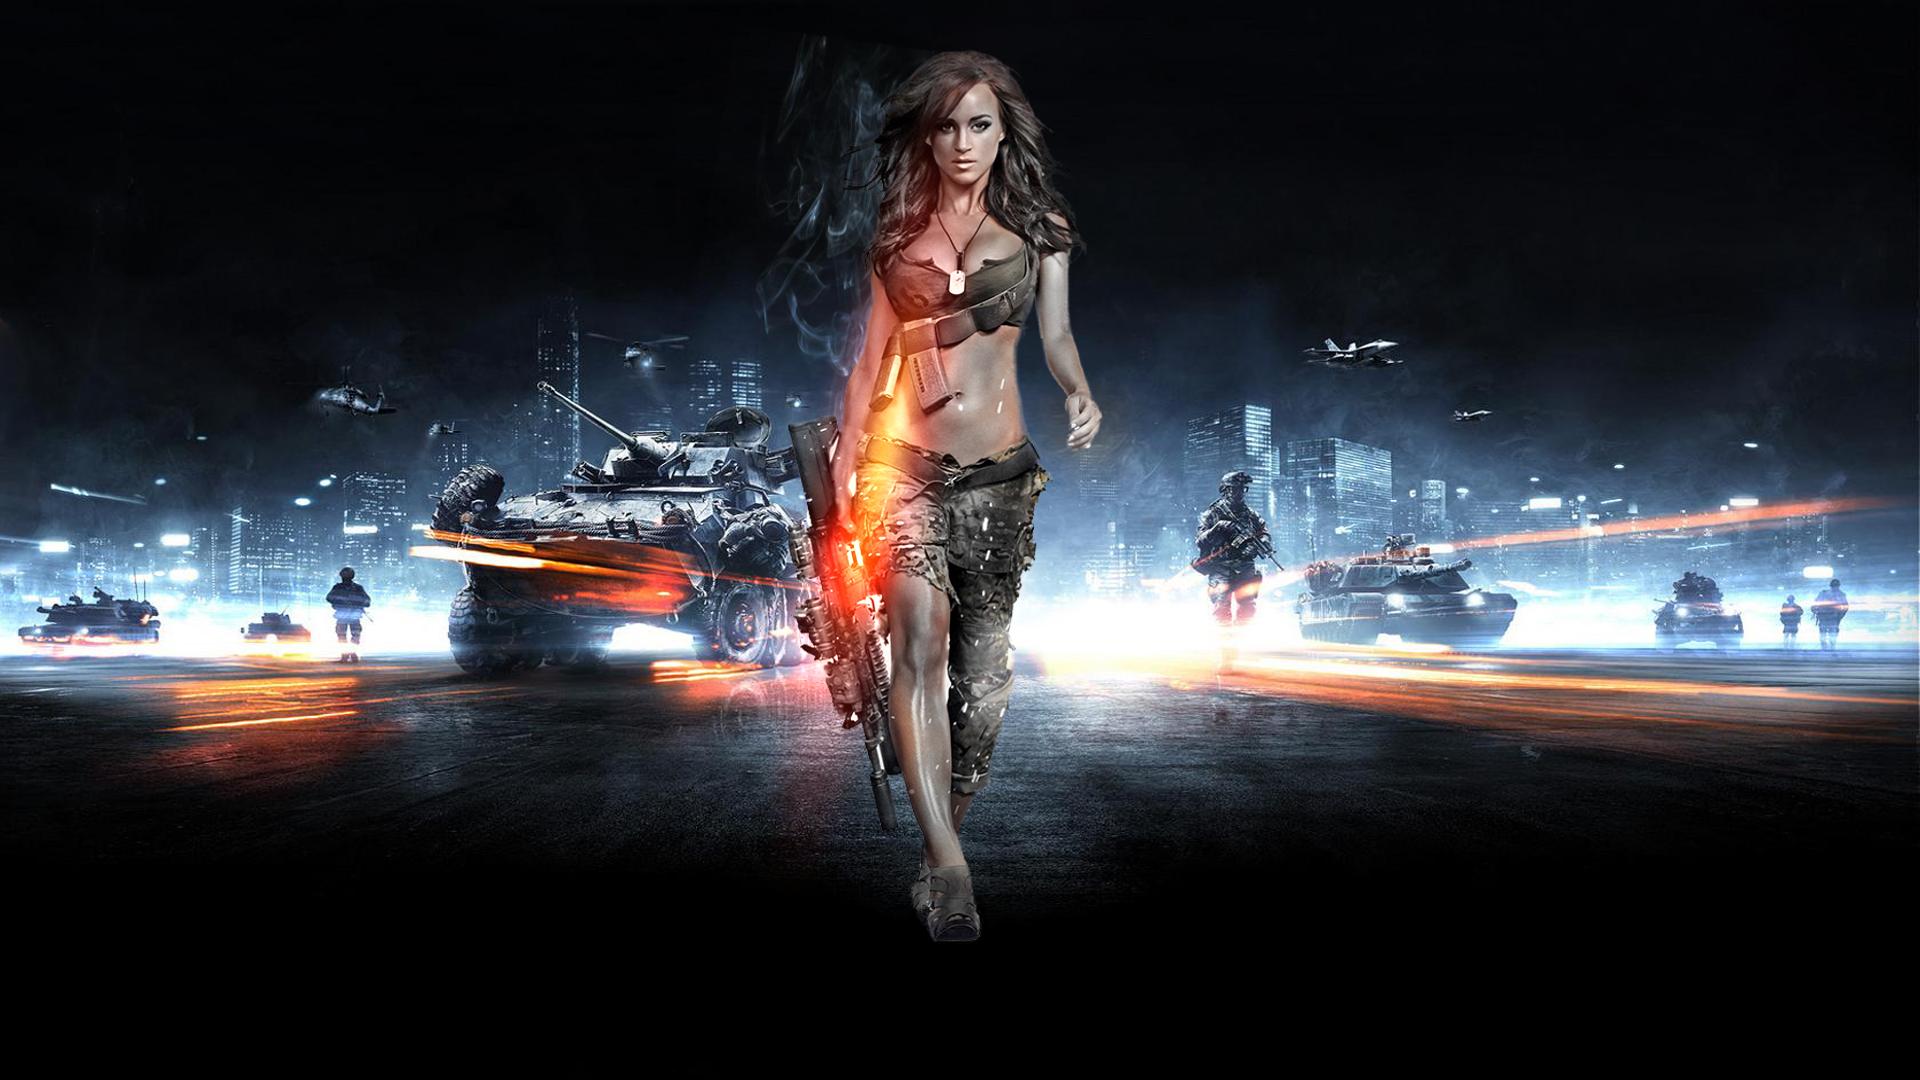 Battlefield 3 солдат линии оружие  № 3460679 бесплатно